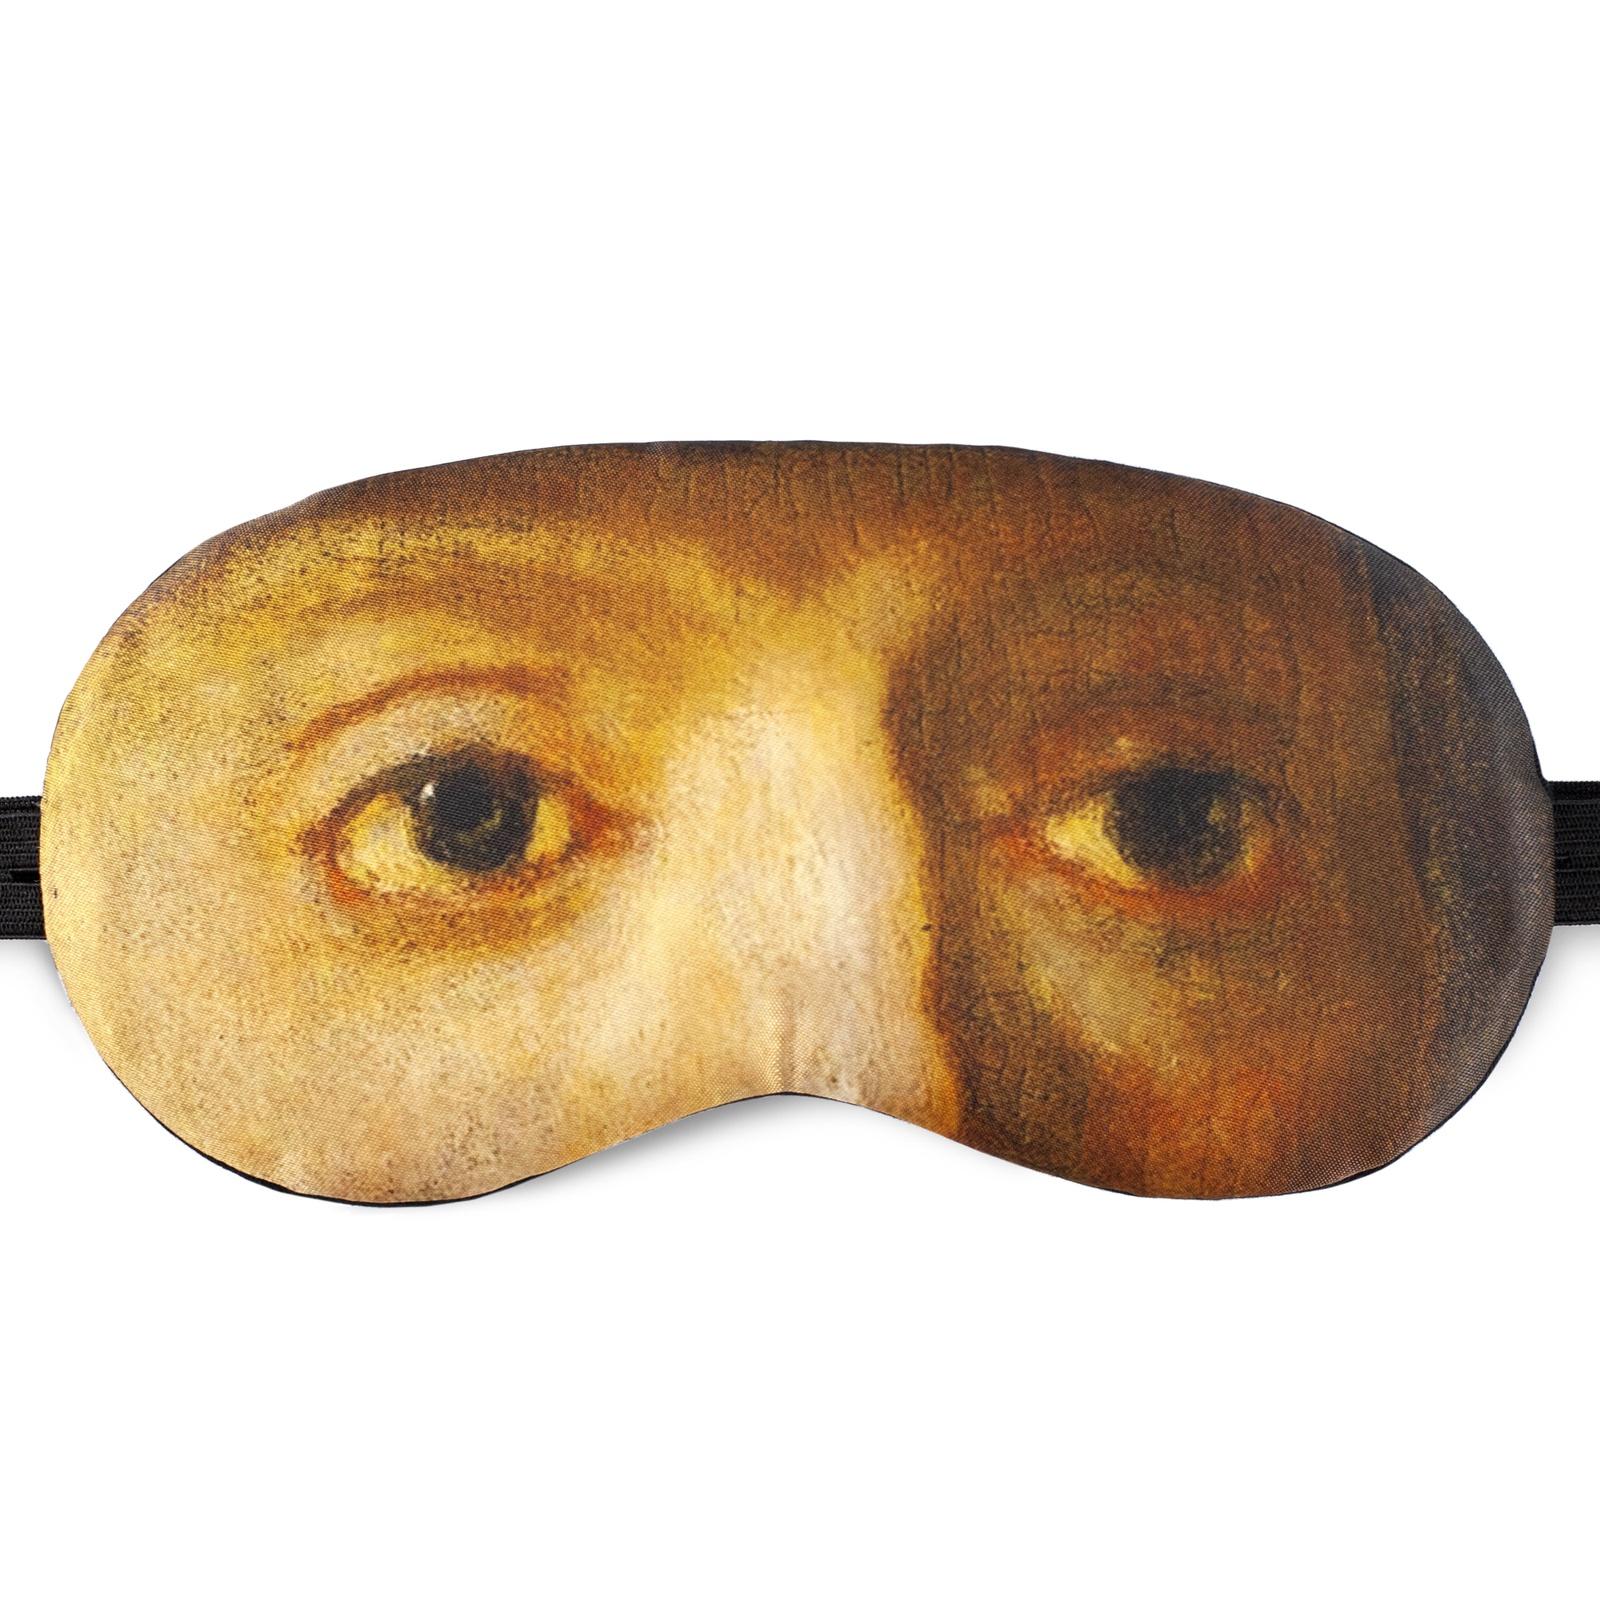 Маска для сна Shuba с изображением глаз героя картины Ночной Дозор (художник Рембрандт) в пластиковой упаковке